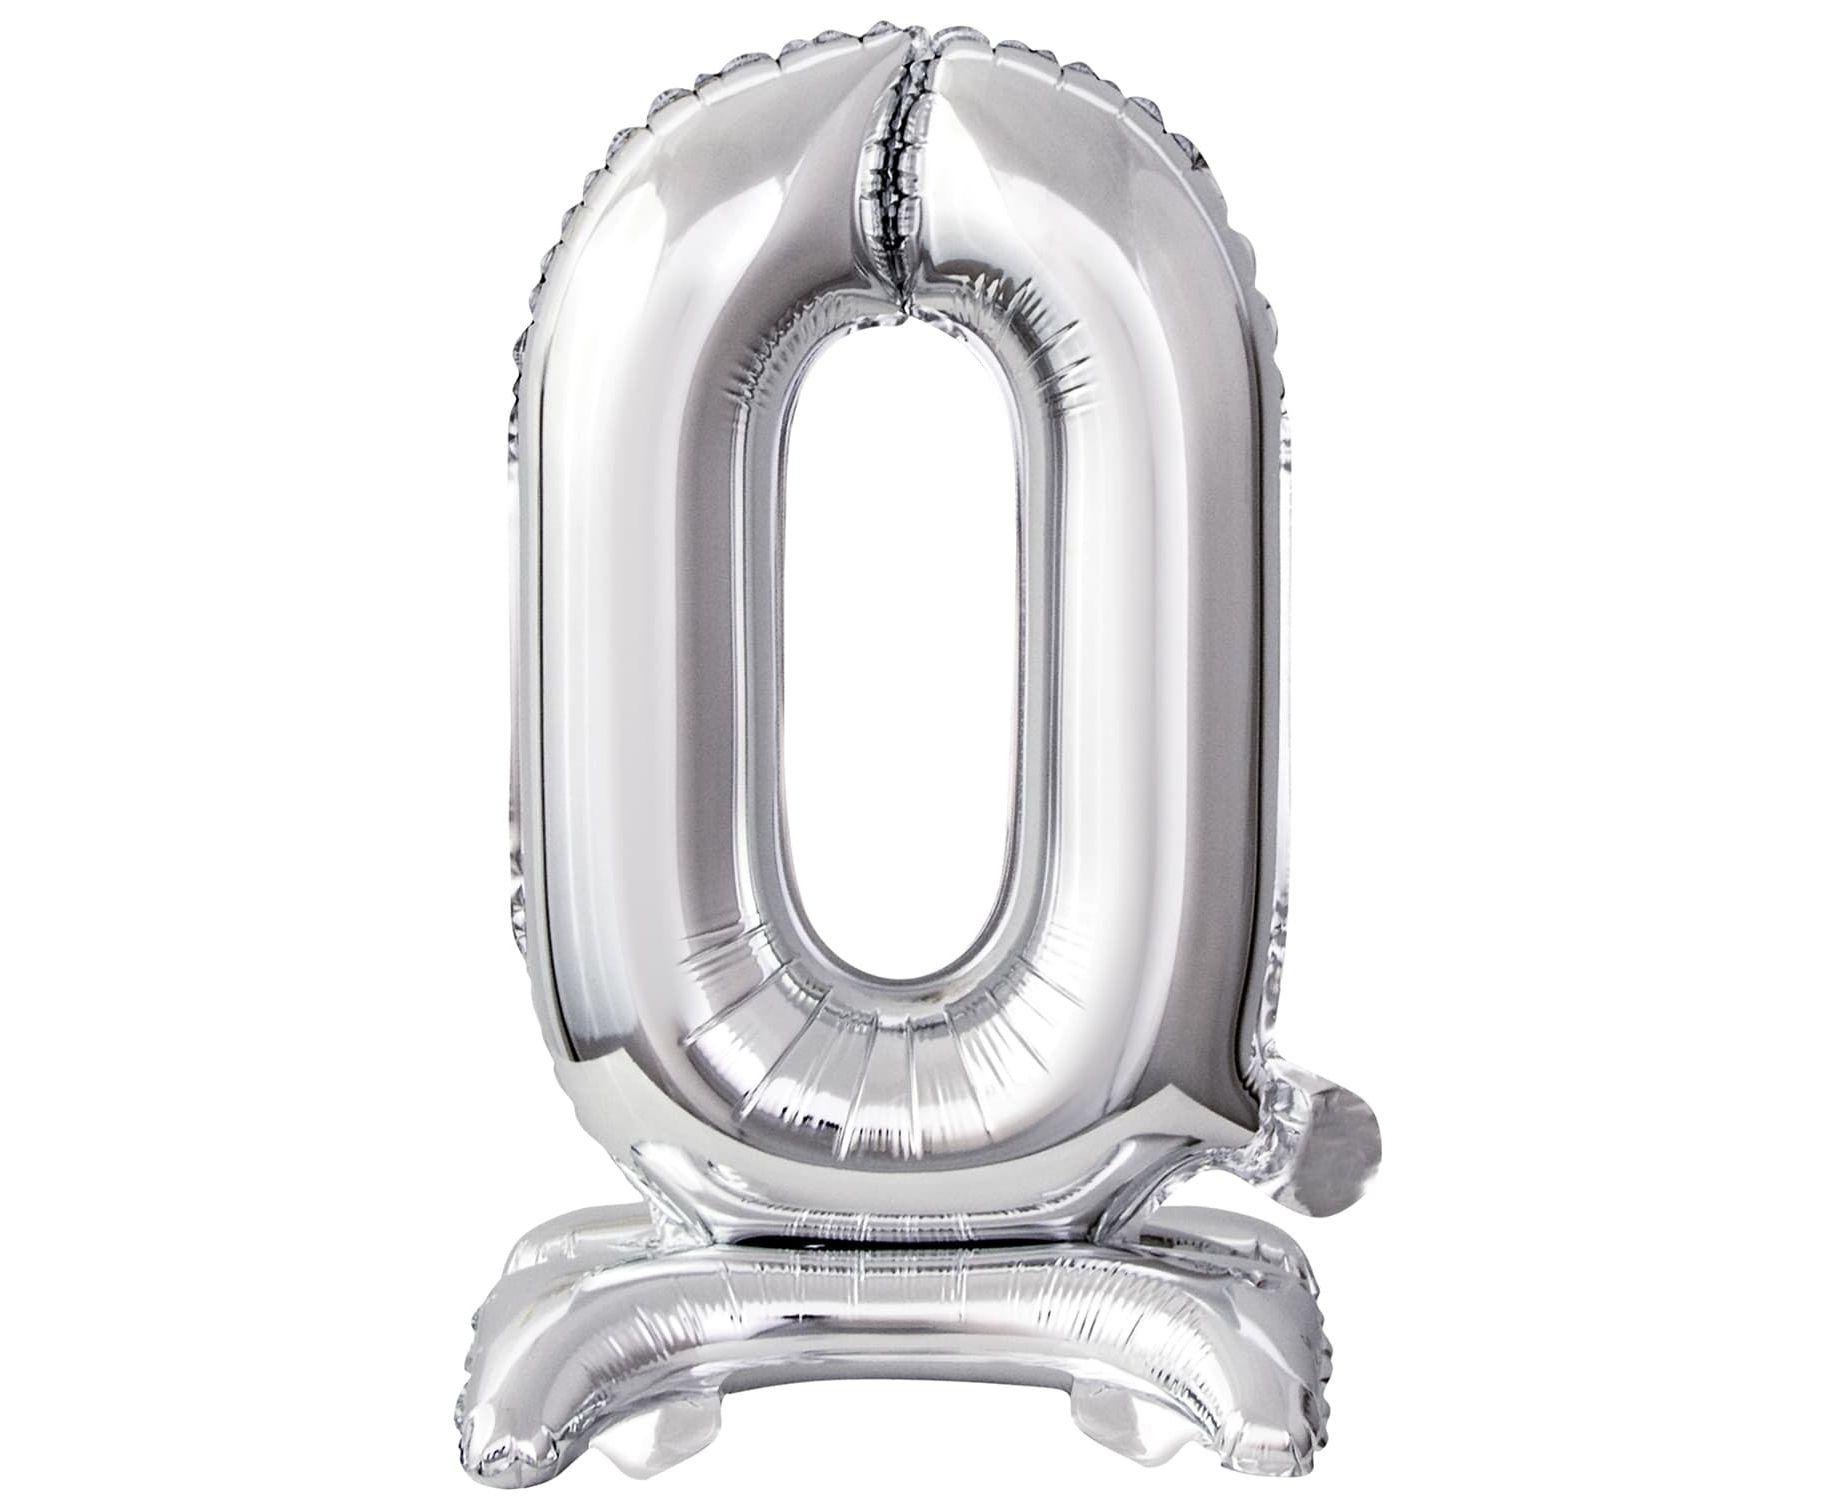 Μπαλόνι Foil Μίνι με Βάση Αριθμός Μηδέν Ασημί 38εκ